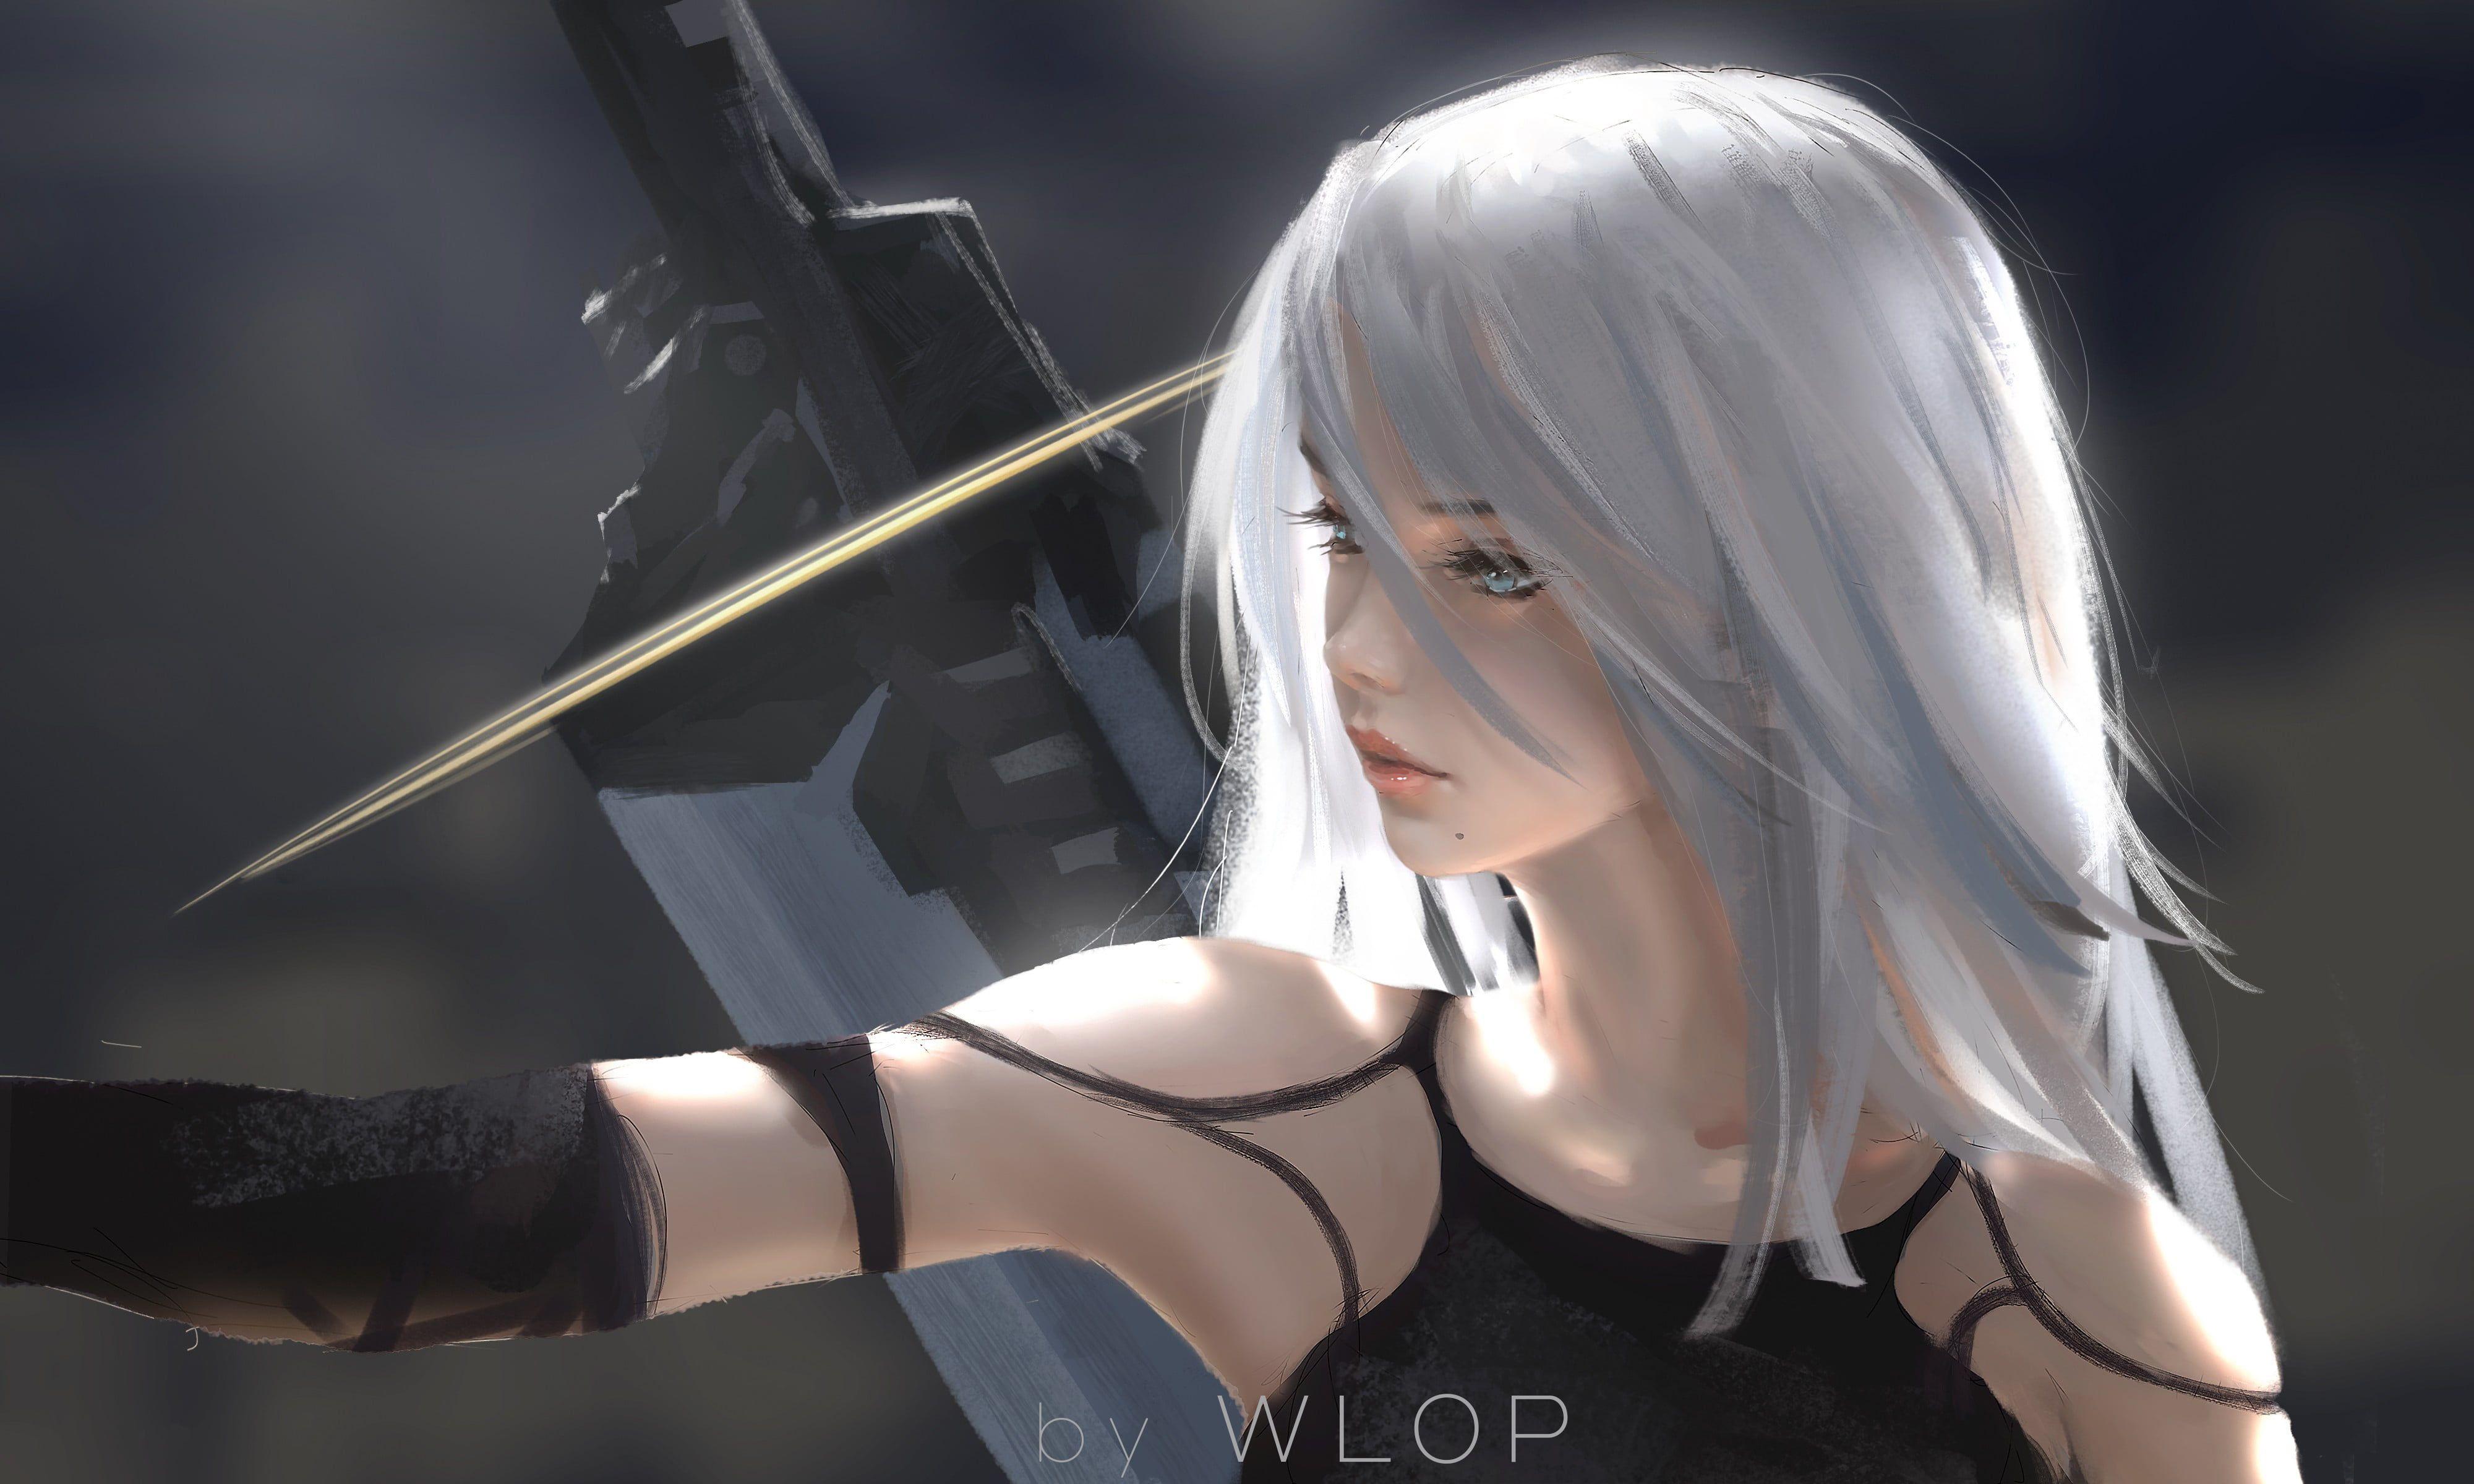 Female Gray Haired Animated Character With Black Hilt Sword Digital Art Artwork Wlop Women Long Hair White Hair Nier A2 Nier Fantasy Girl Digital Art Girl